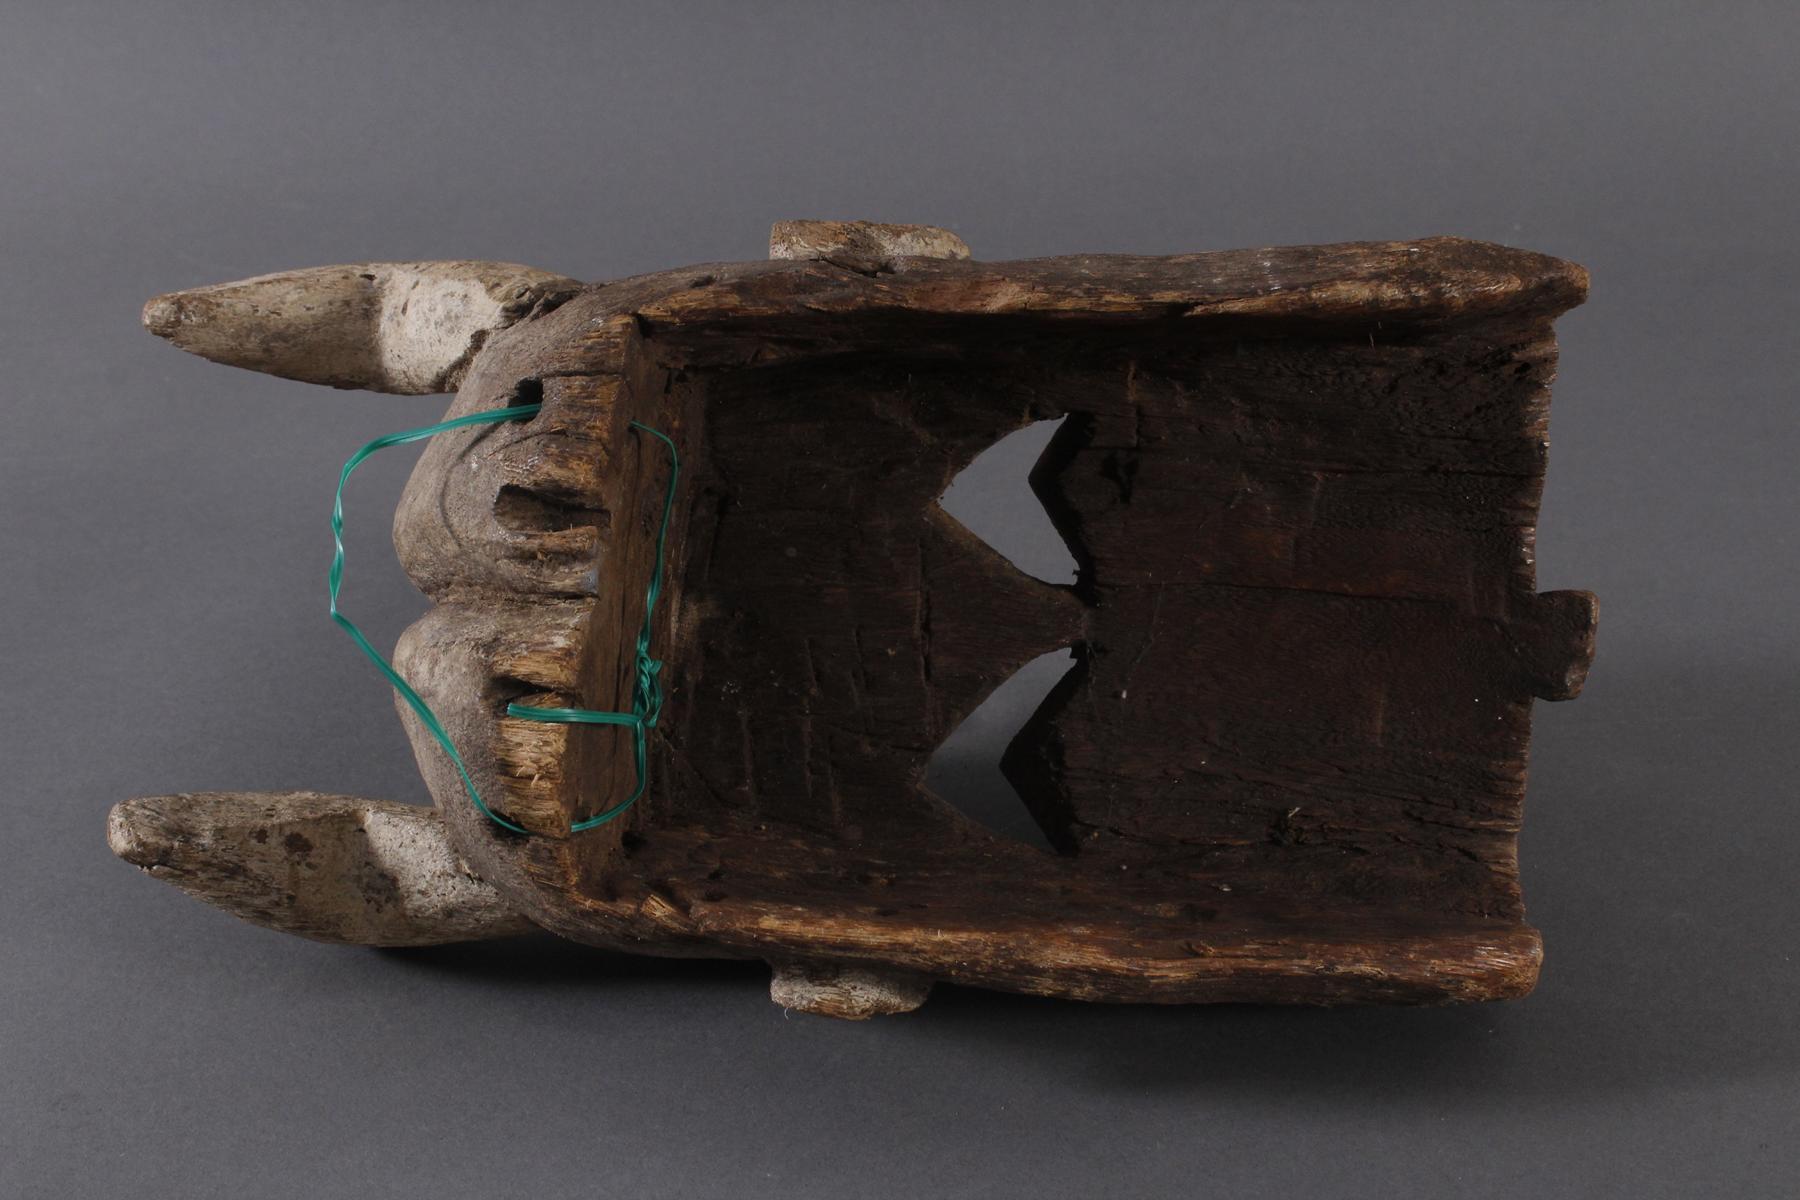 Antike Maske, Mossi, Burkina Faso 1. Hälfte 20. Jh.-6